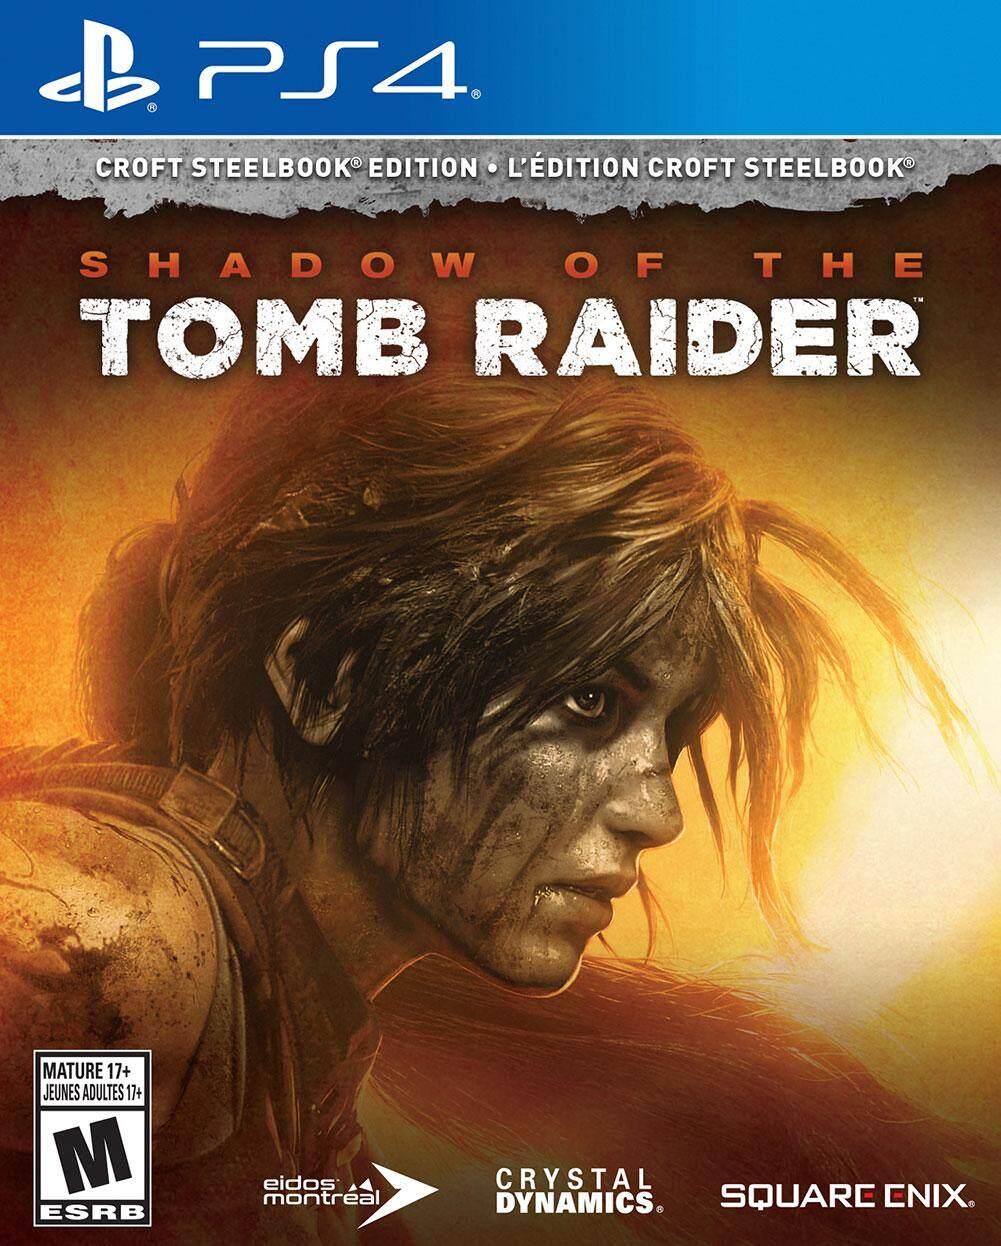 แผ่นเกม PS4 Shadow of the Tomb Raider